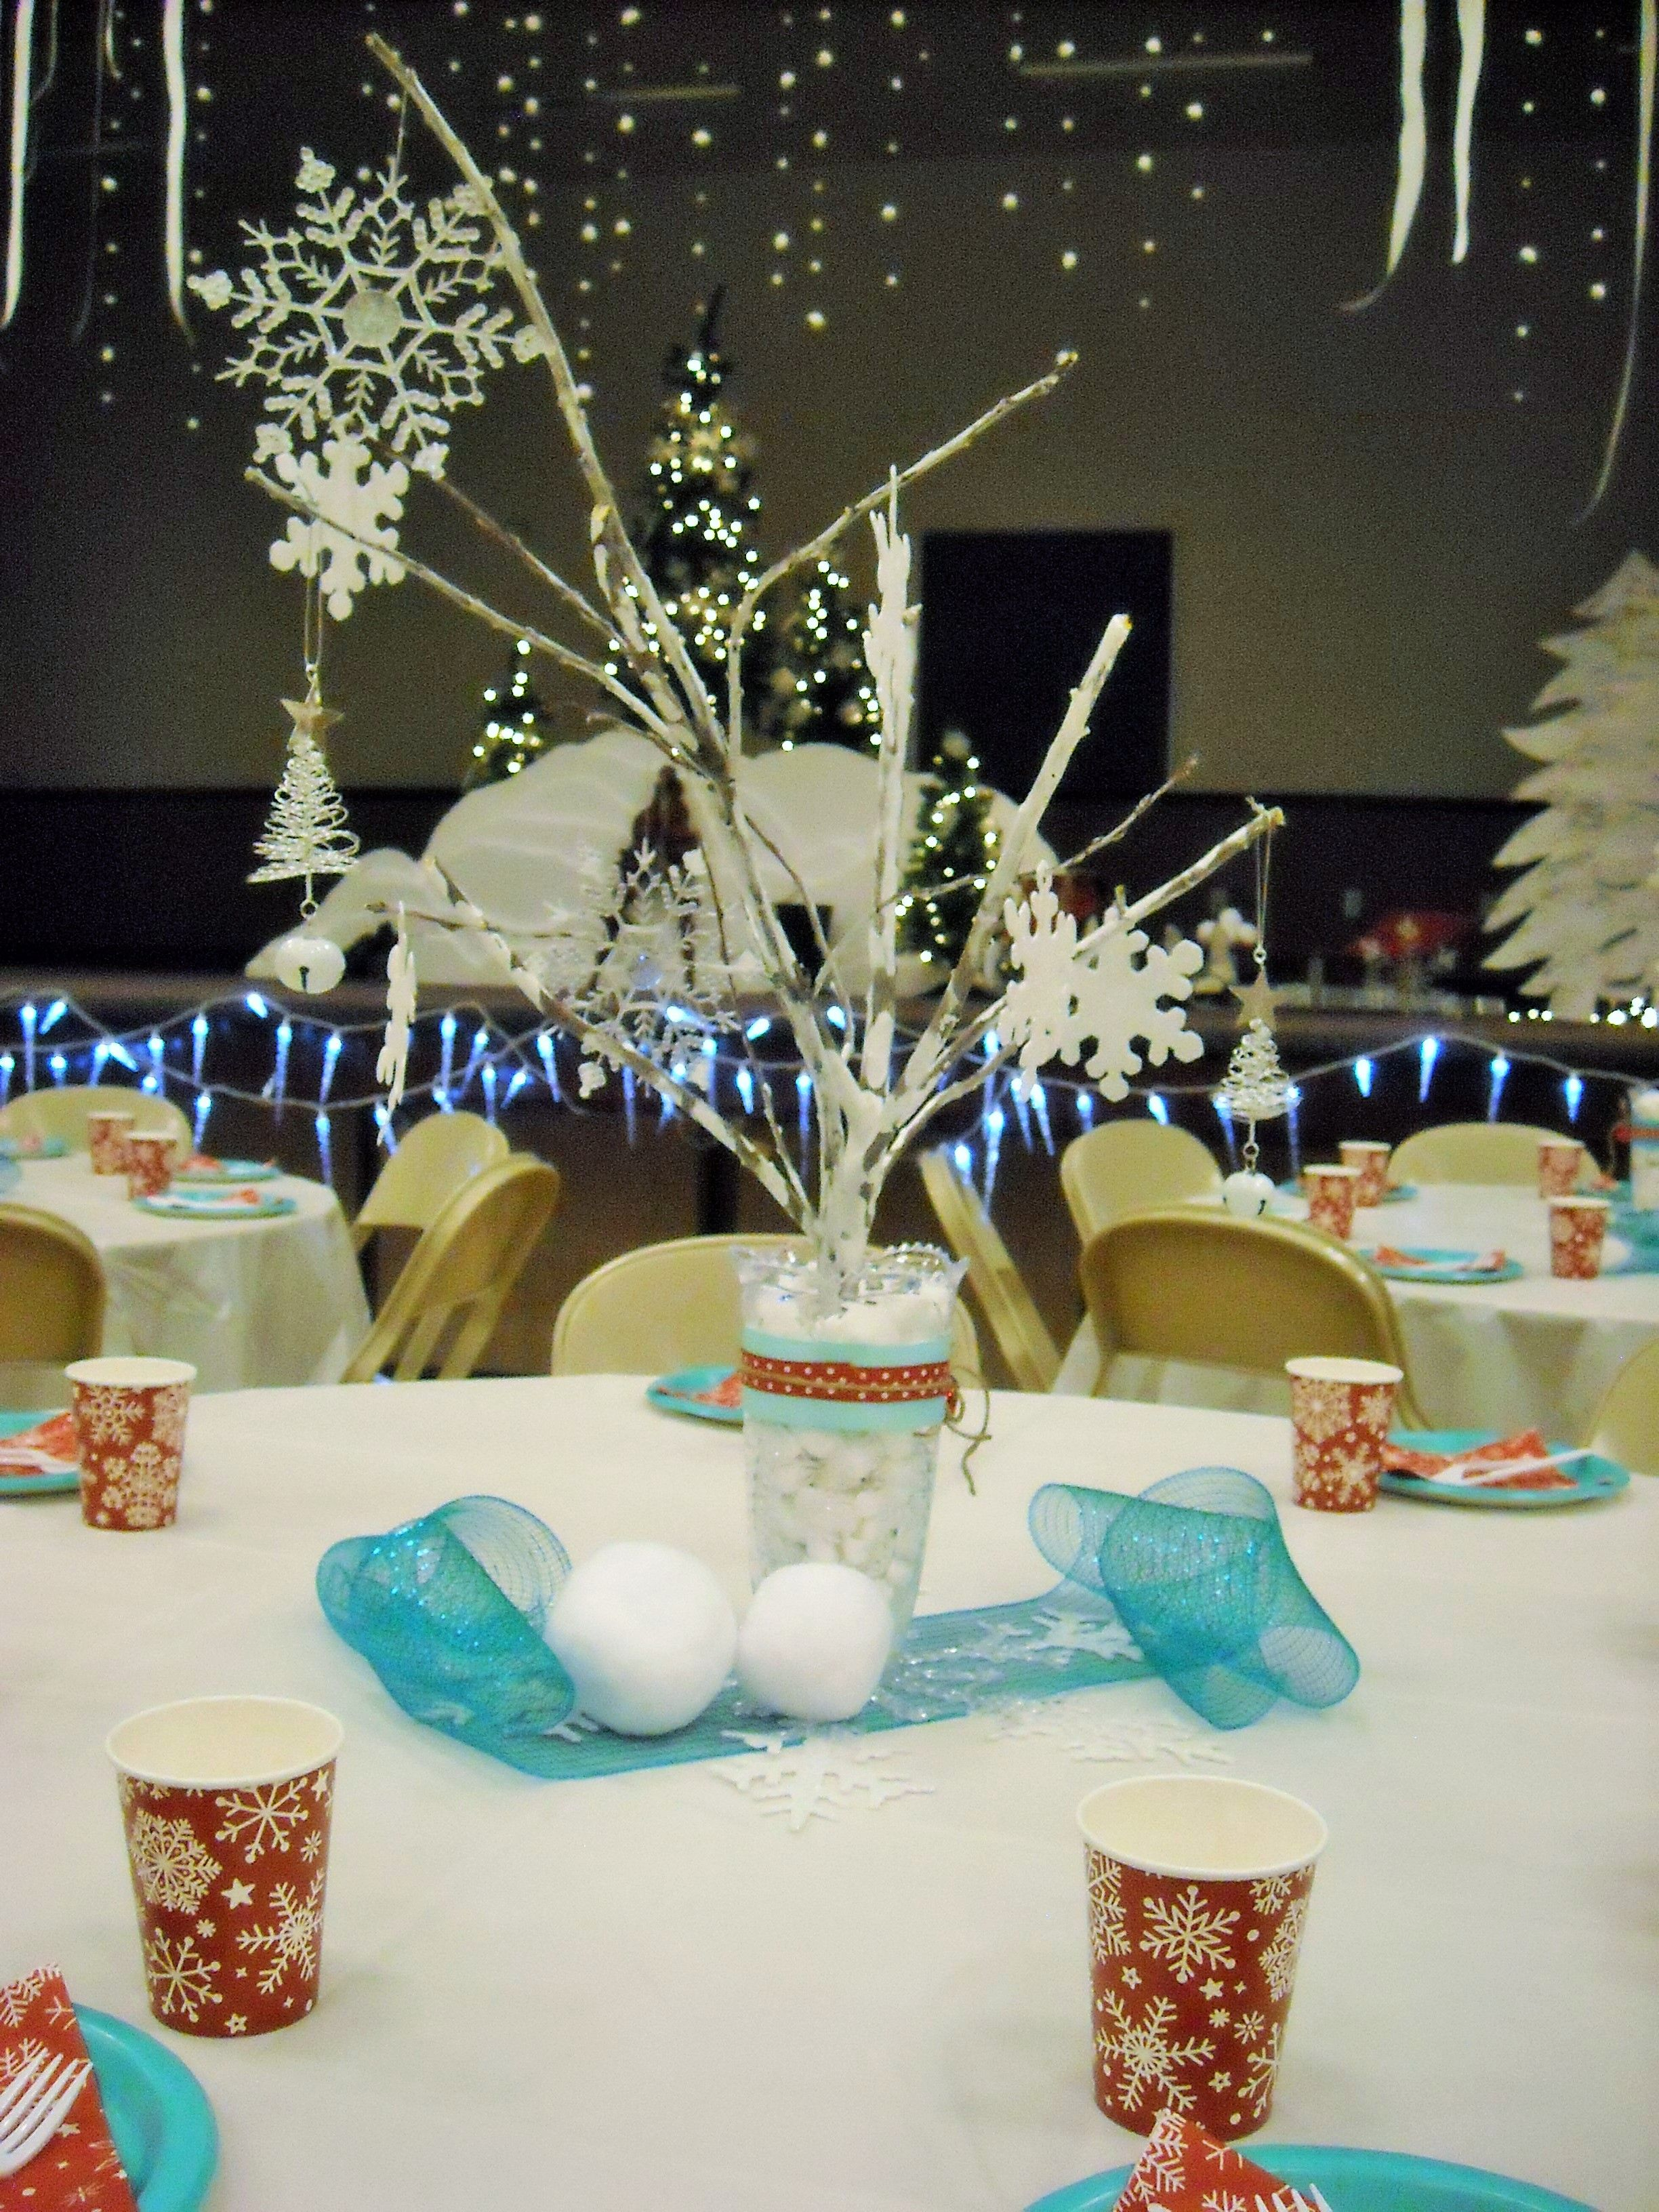 hyrum 9th ward sleigh ride winter wonderland center pieces 2015